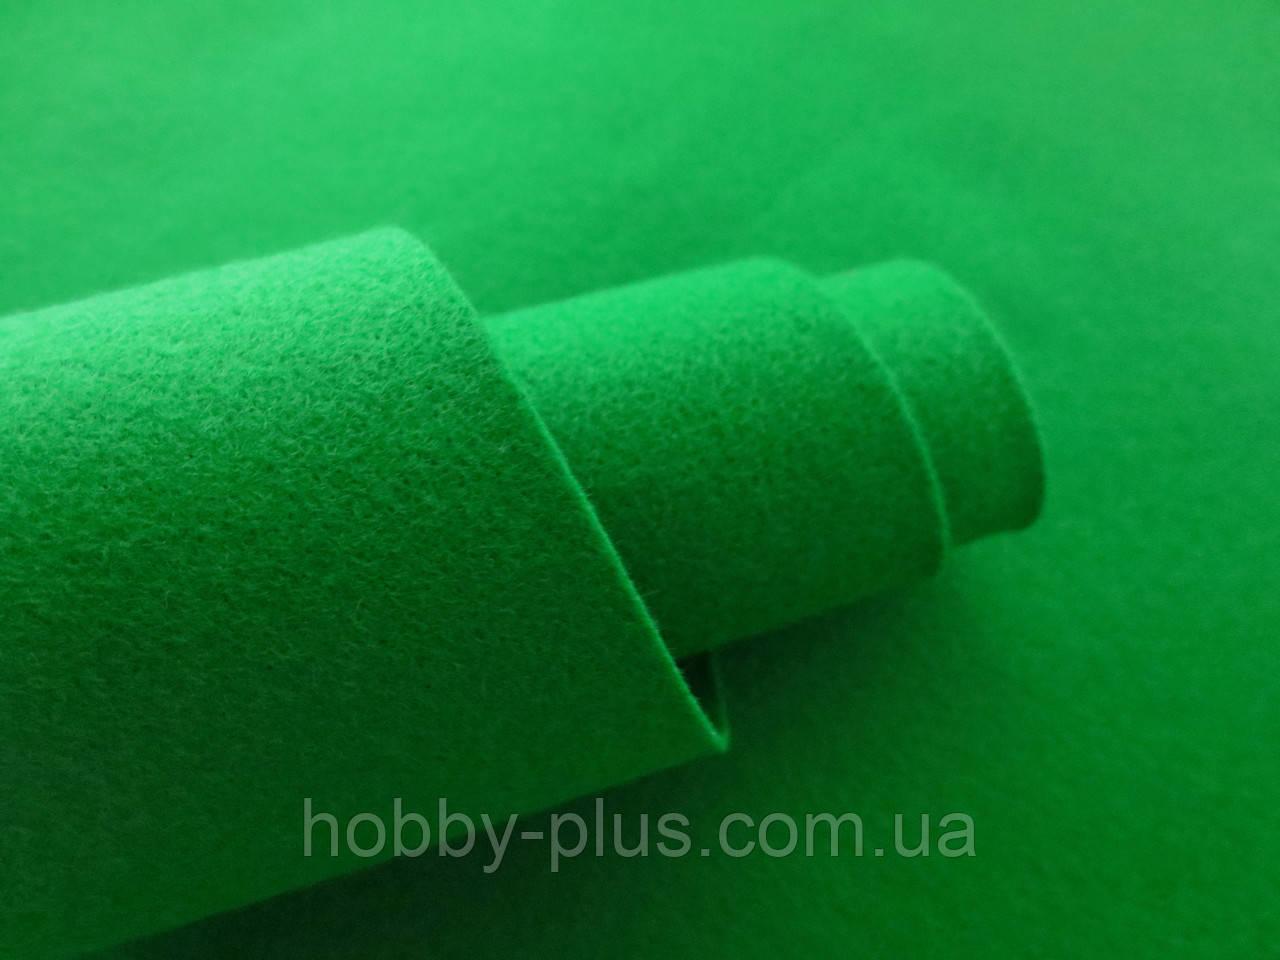 Фетр корейский мягкий, 1.2 мм, 20x30 см, ЗЕЛЕНЫЙ